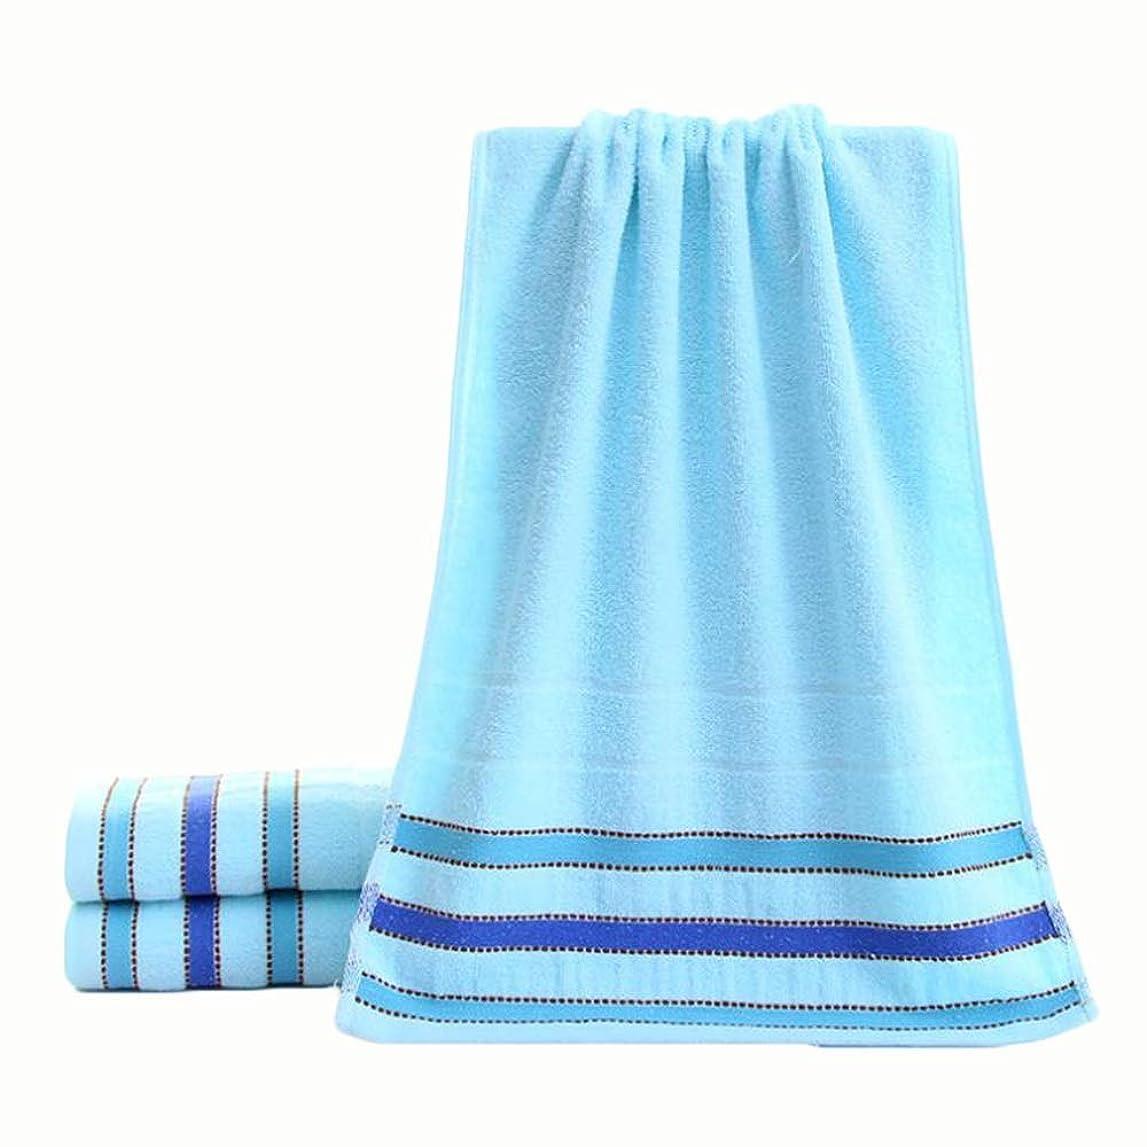 寝てるクレタ抜け目がないCXUNKK 2PCS / LOT家庭肥厚綿フェイスタオル大人カップル柔らかい吸収性タオル (Color : Blue)